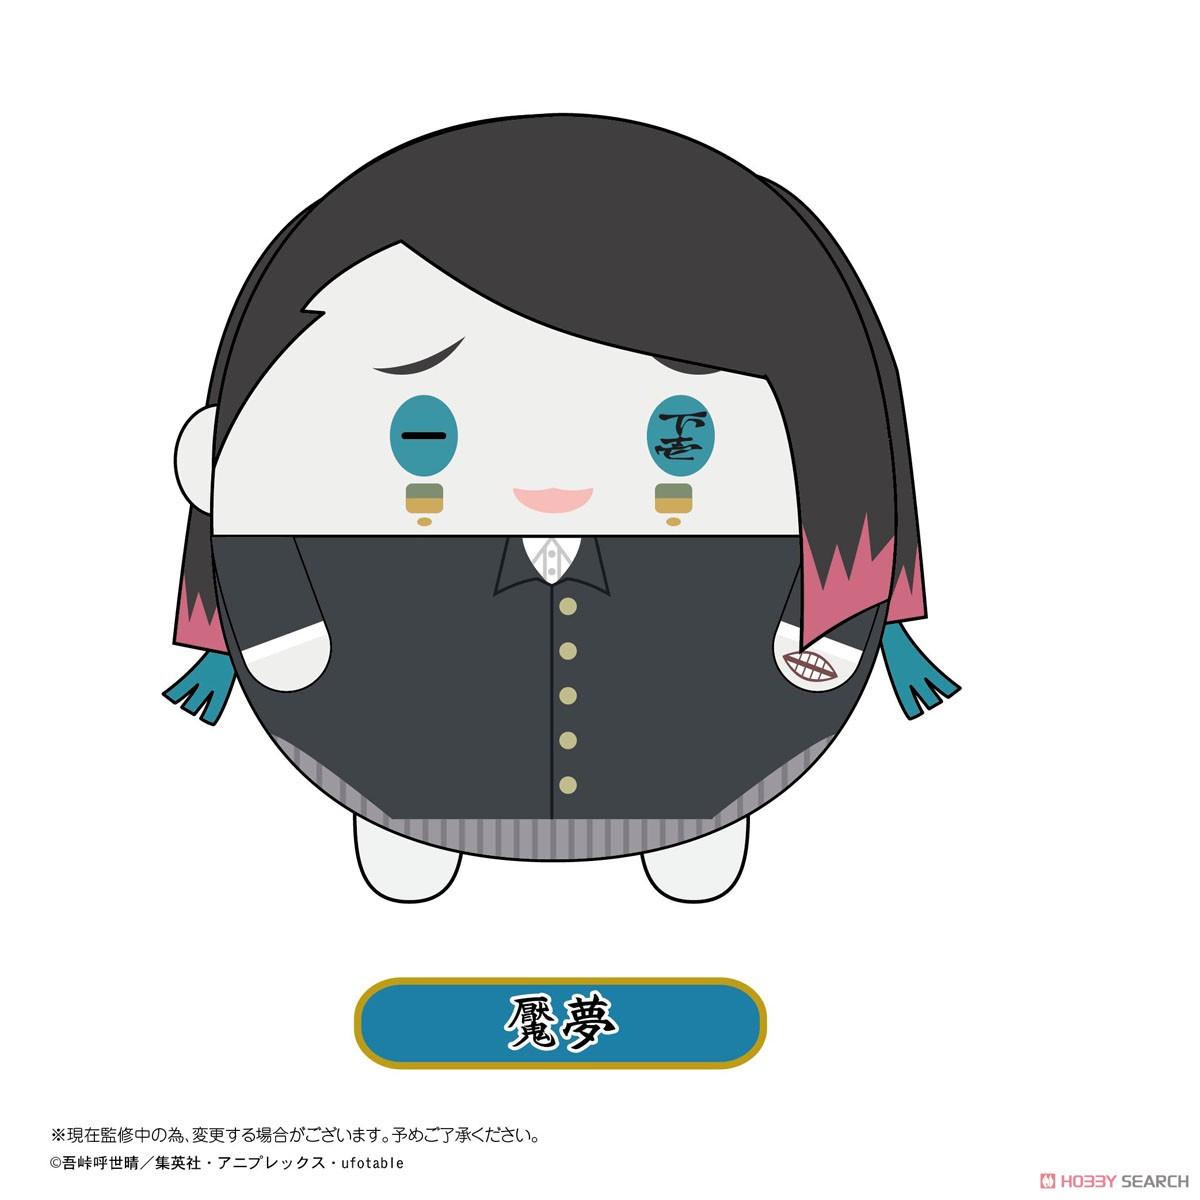 鬼滅の刃『ふわコロりん4』8個入りBOX-006